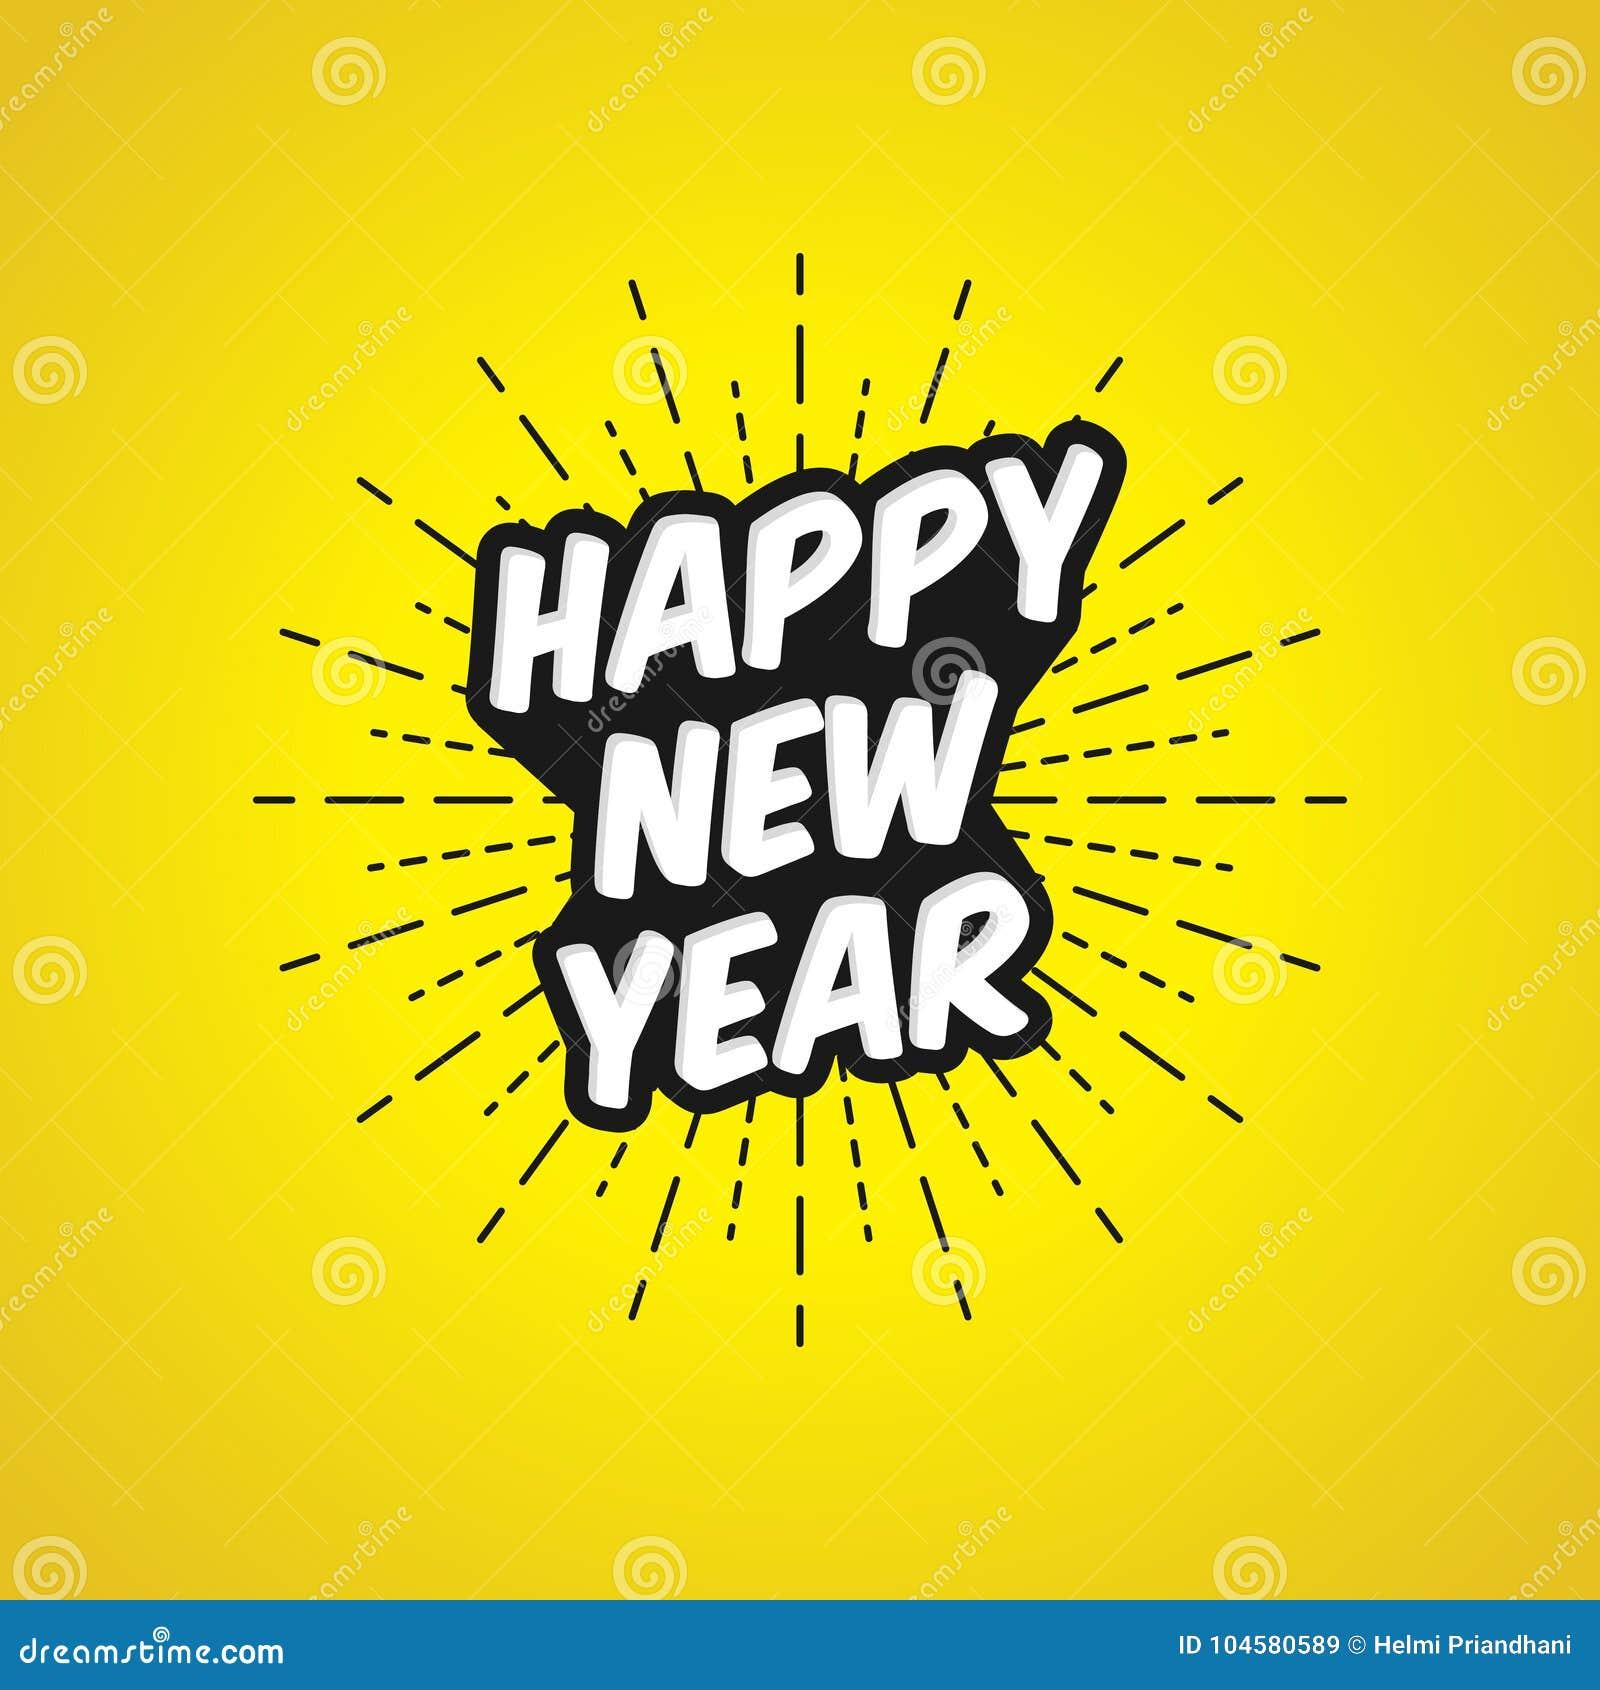 Vektor-Illustration des guten Rutsch ins Neue Jahr mit hellem gelbem Hintergrund